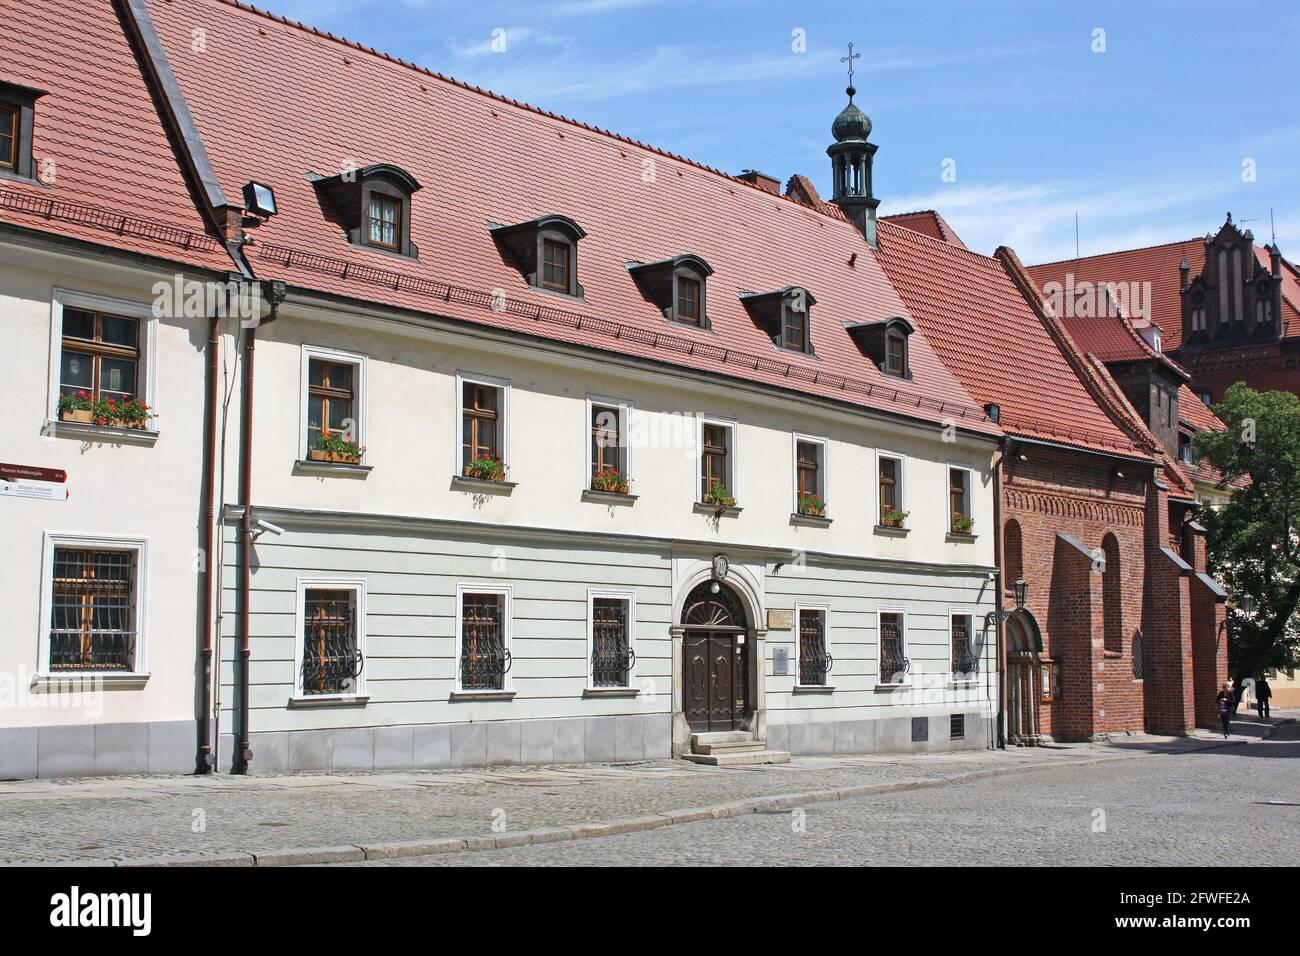 Ehemaliger Sitz des Vize-Hüters der Domkapelle und Wächter von Ostrów Tumski, Dominsel, Breslau, Polen Stockfoto